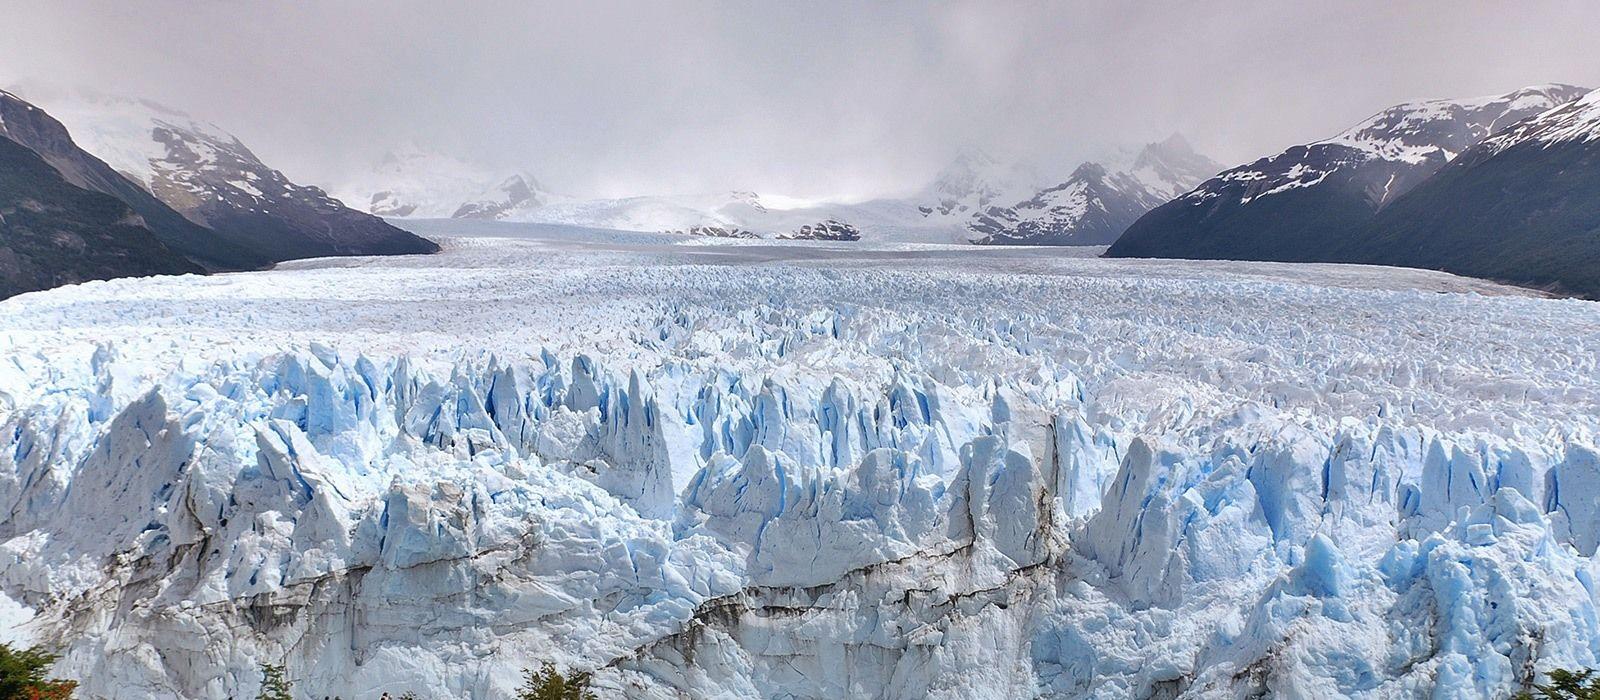 Destination El Calafate Argentina